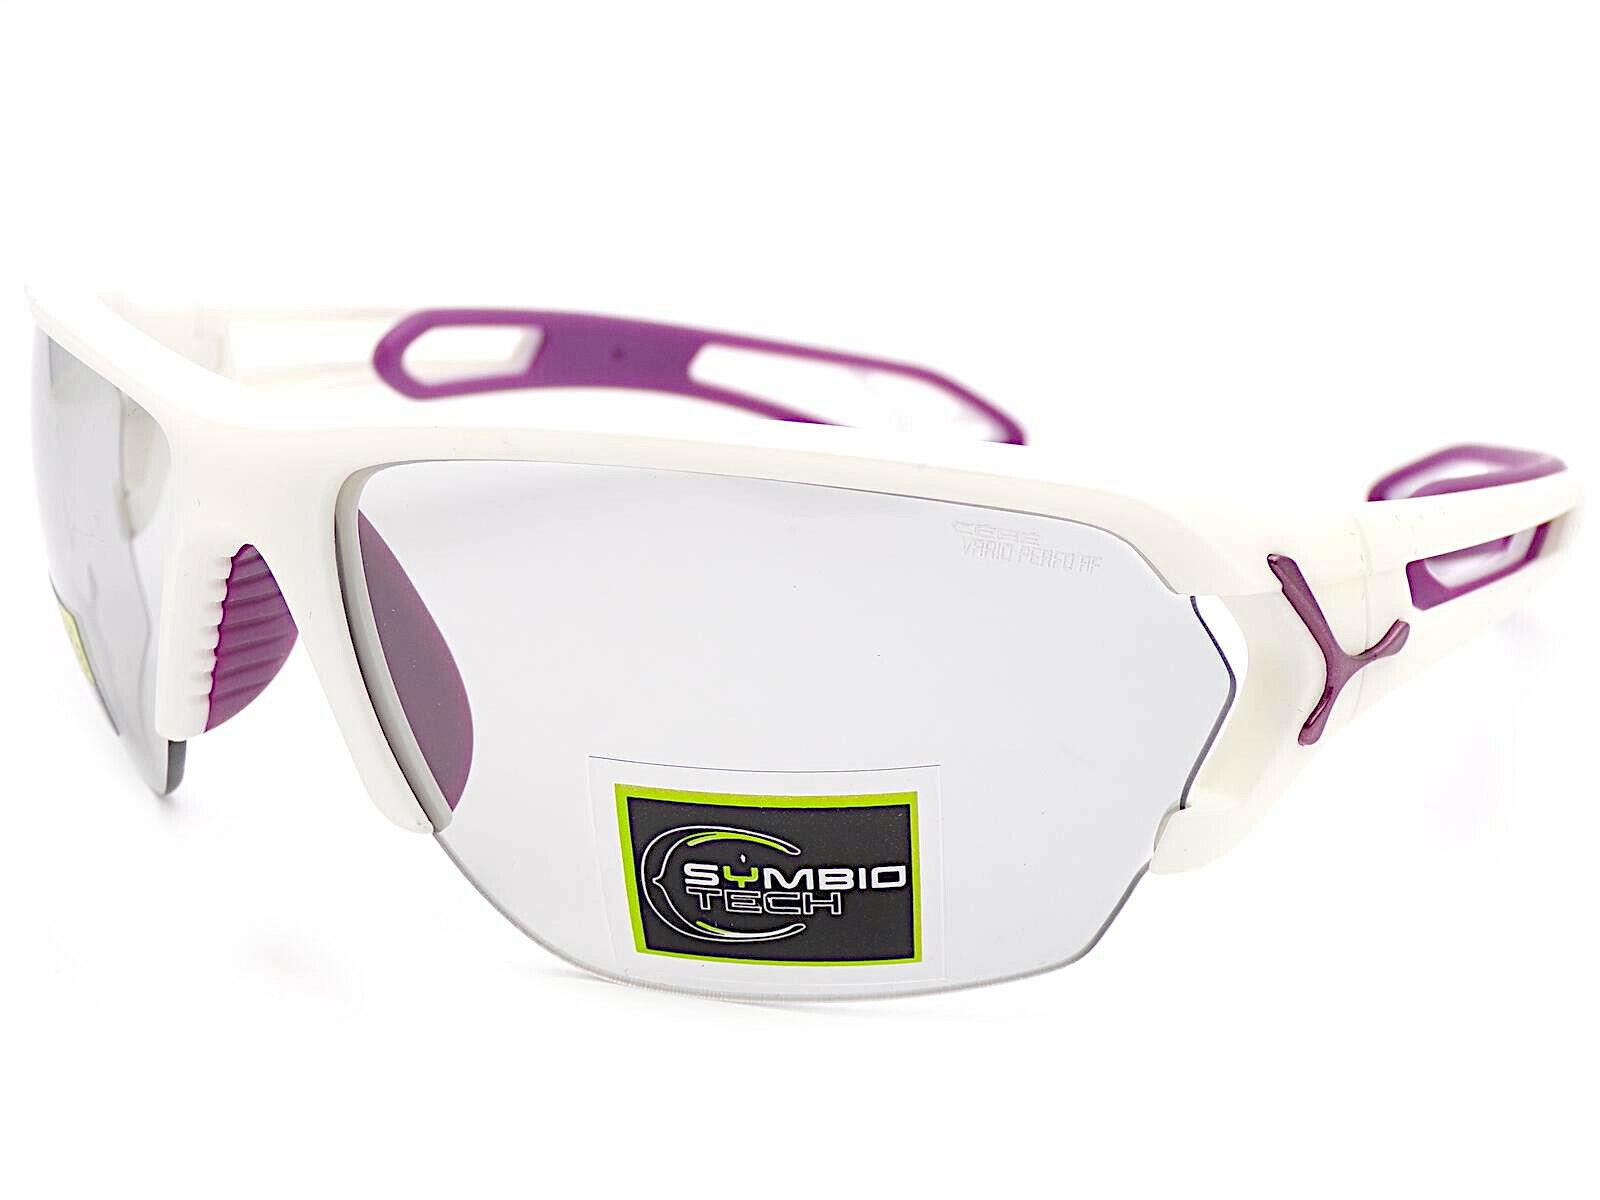 Cebe S'Track Groß Licht Empfindlich Sonnenbrille Matt Weiß Variochrome Cbstl14